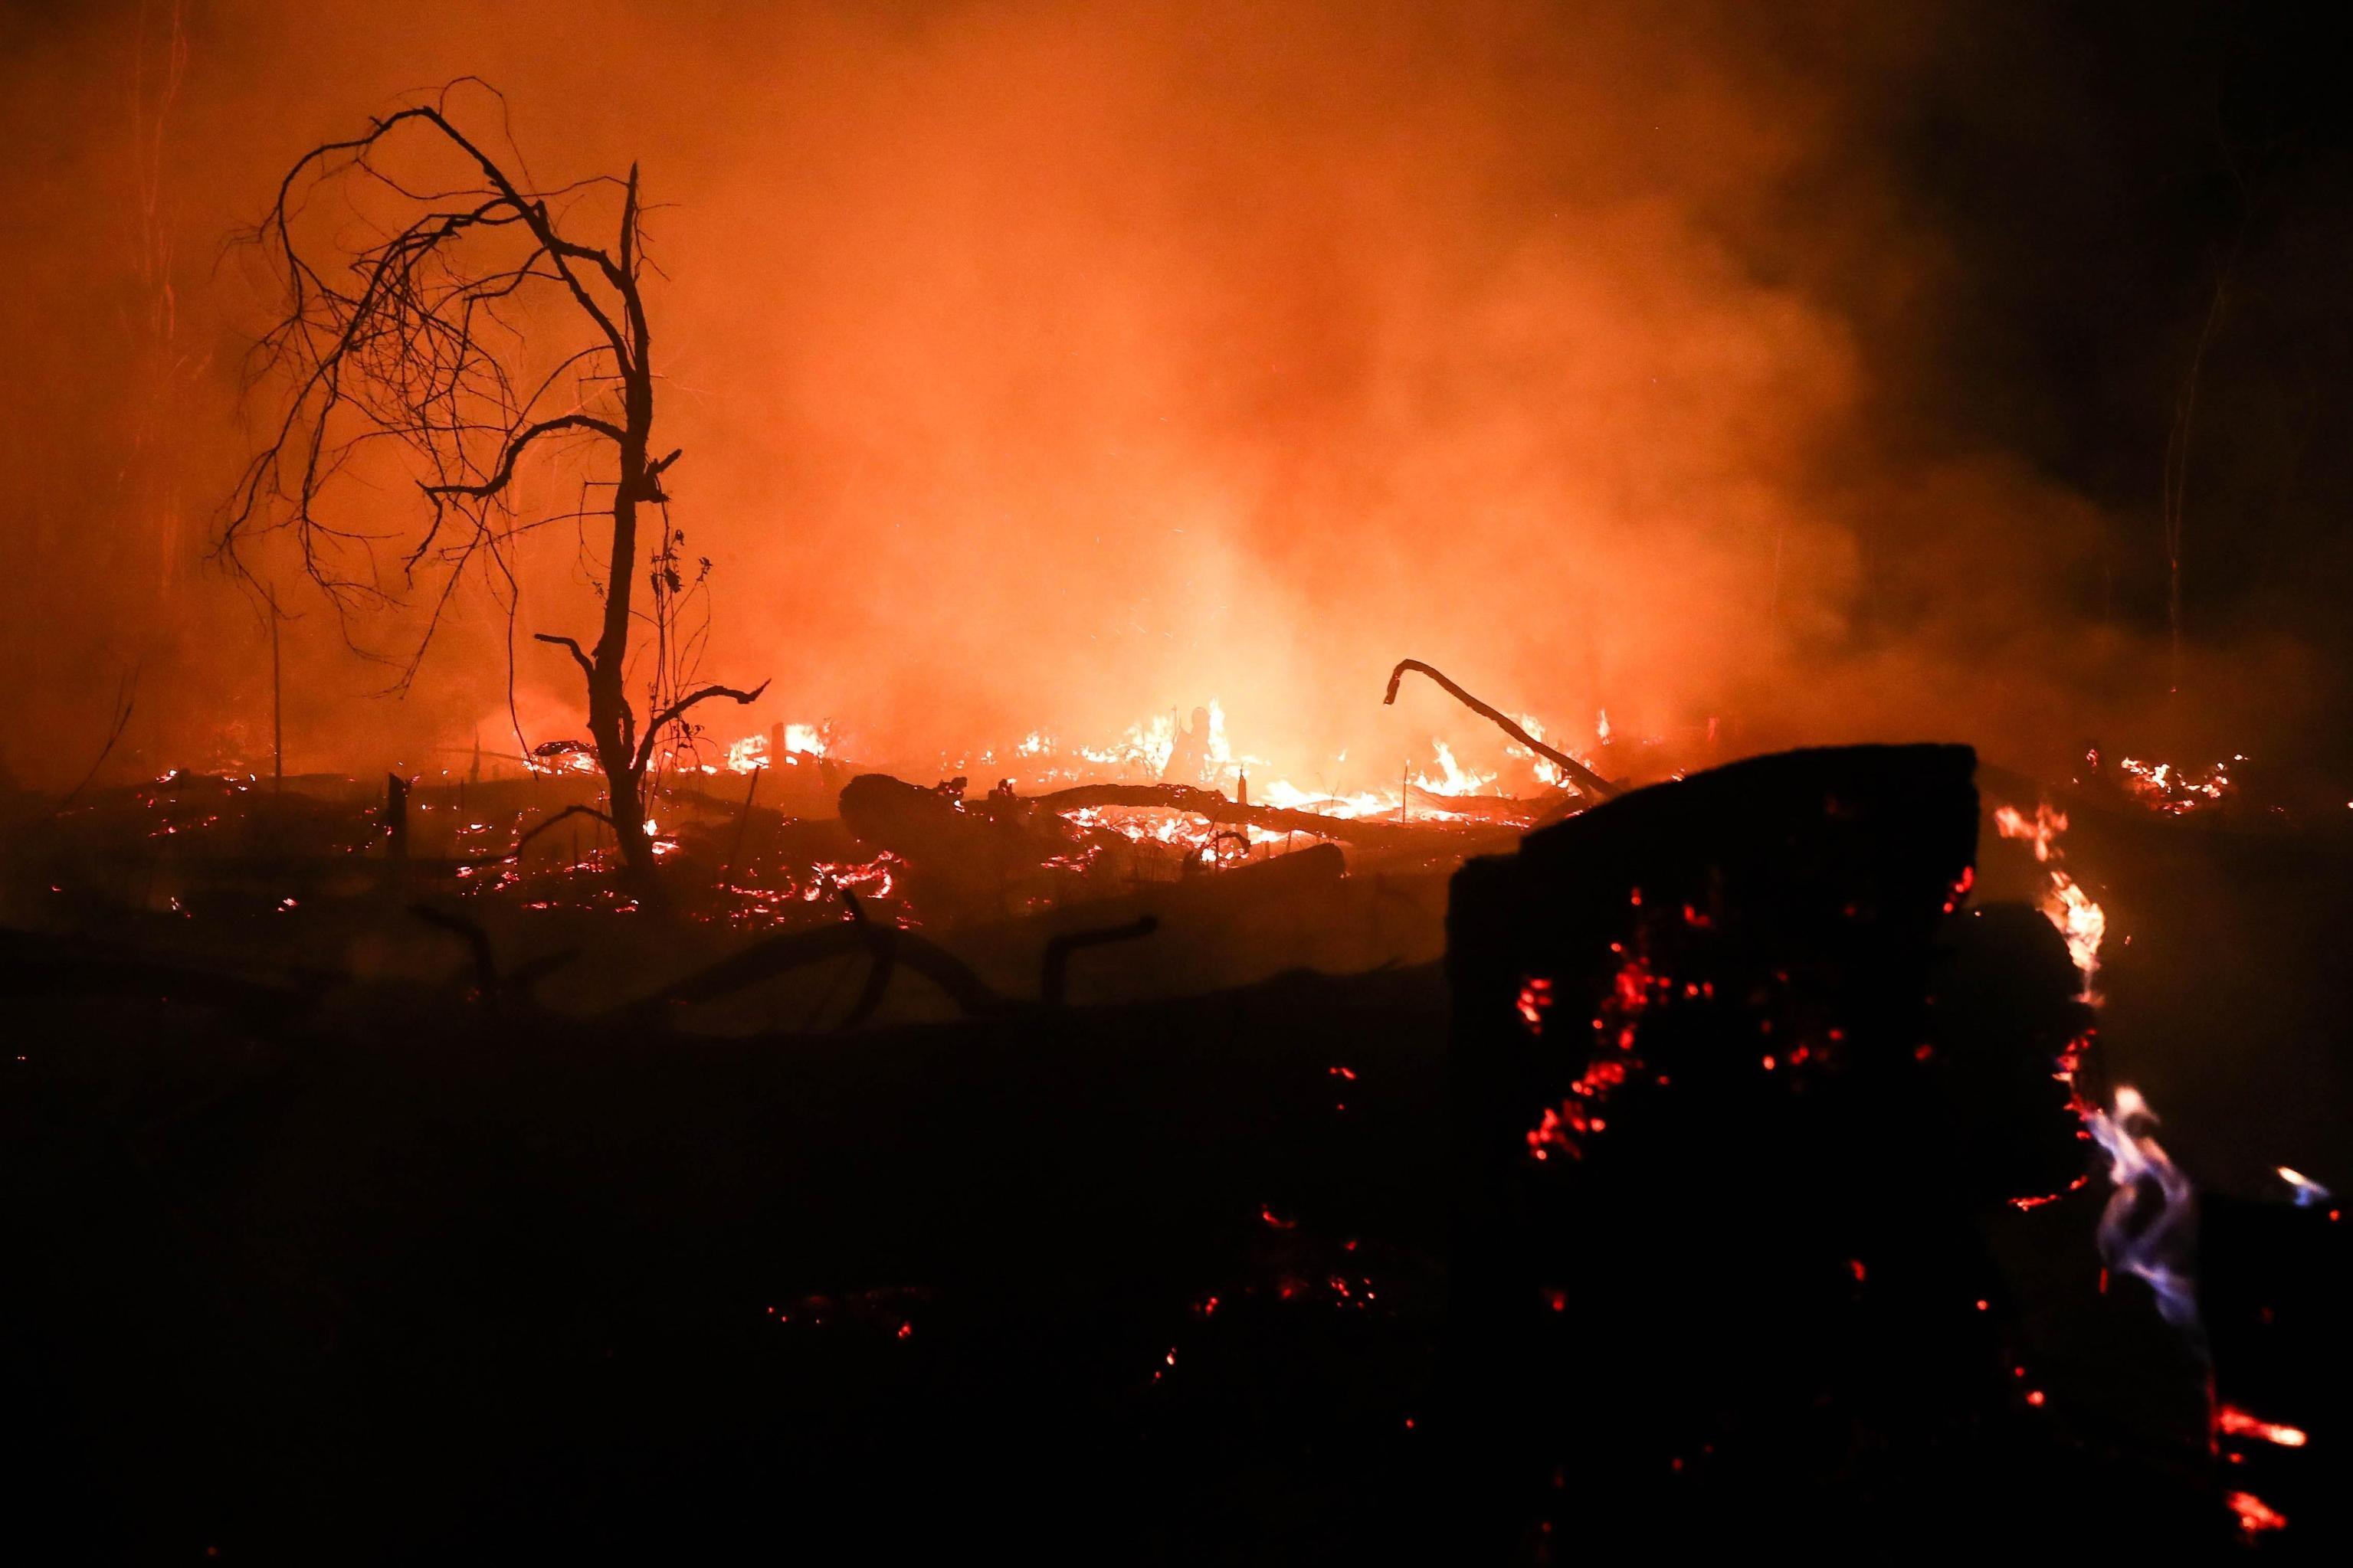 Un'immagine degli incendi in Amazzonia, che ha perso 1.698 chilometri quadrati della sua copertura vegetale lo scorso agosto